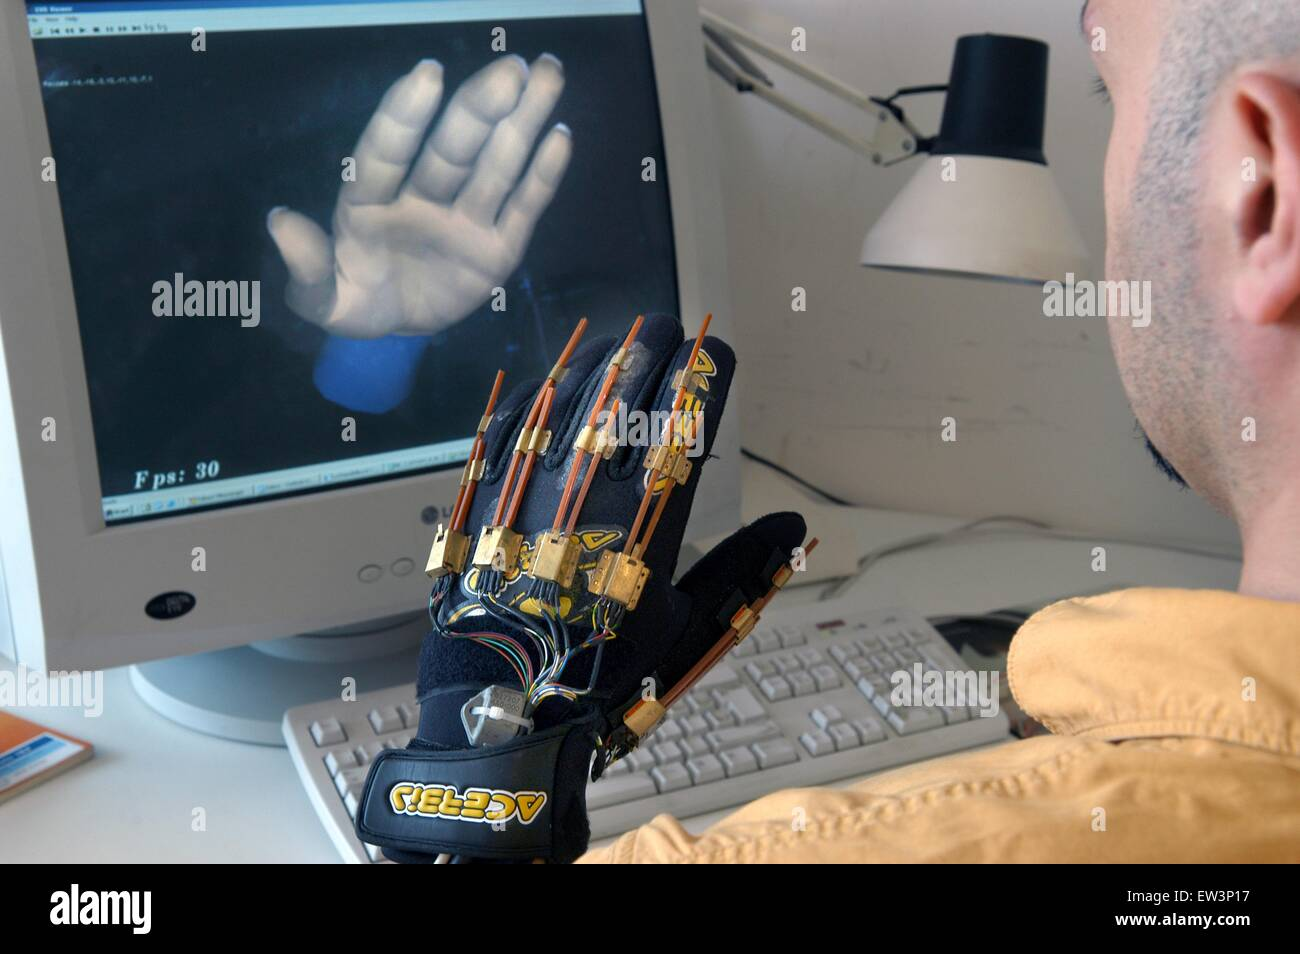 Erweiterte Schule St.Anna von Pisa (Italien), PERCRO Labor, Forschung auf der virtuellen Realität; Handschuh Stockbild